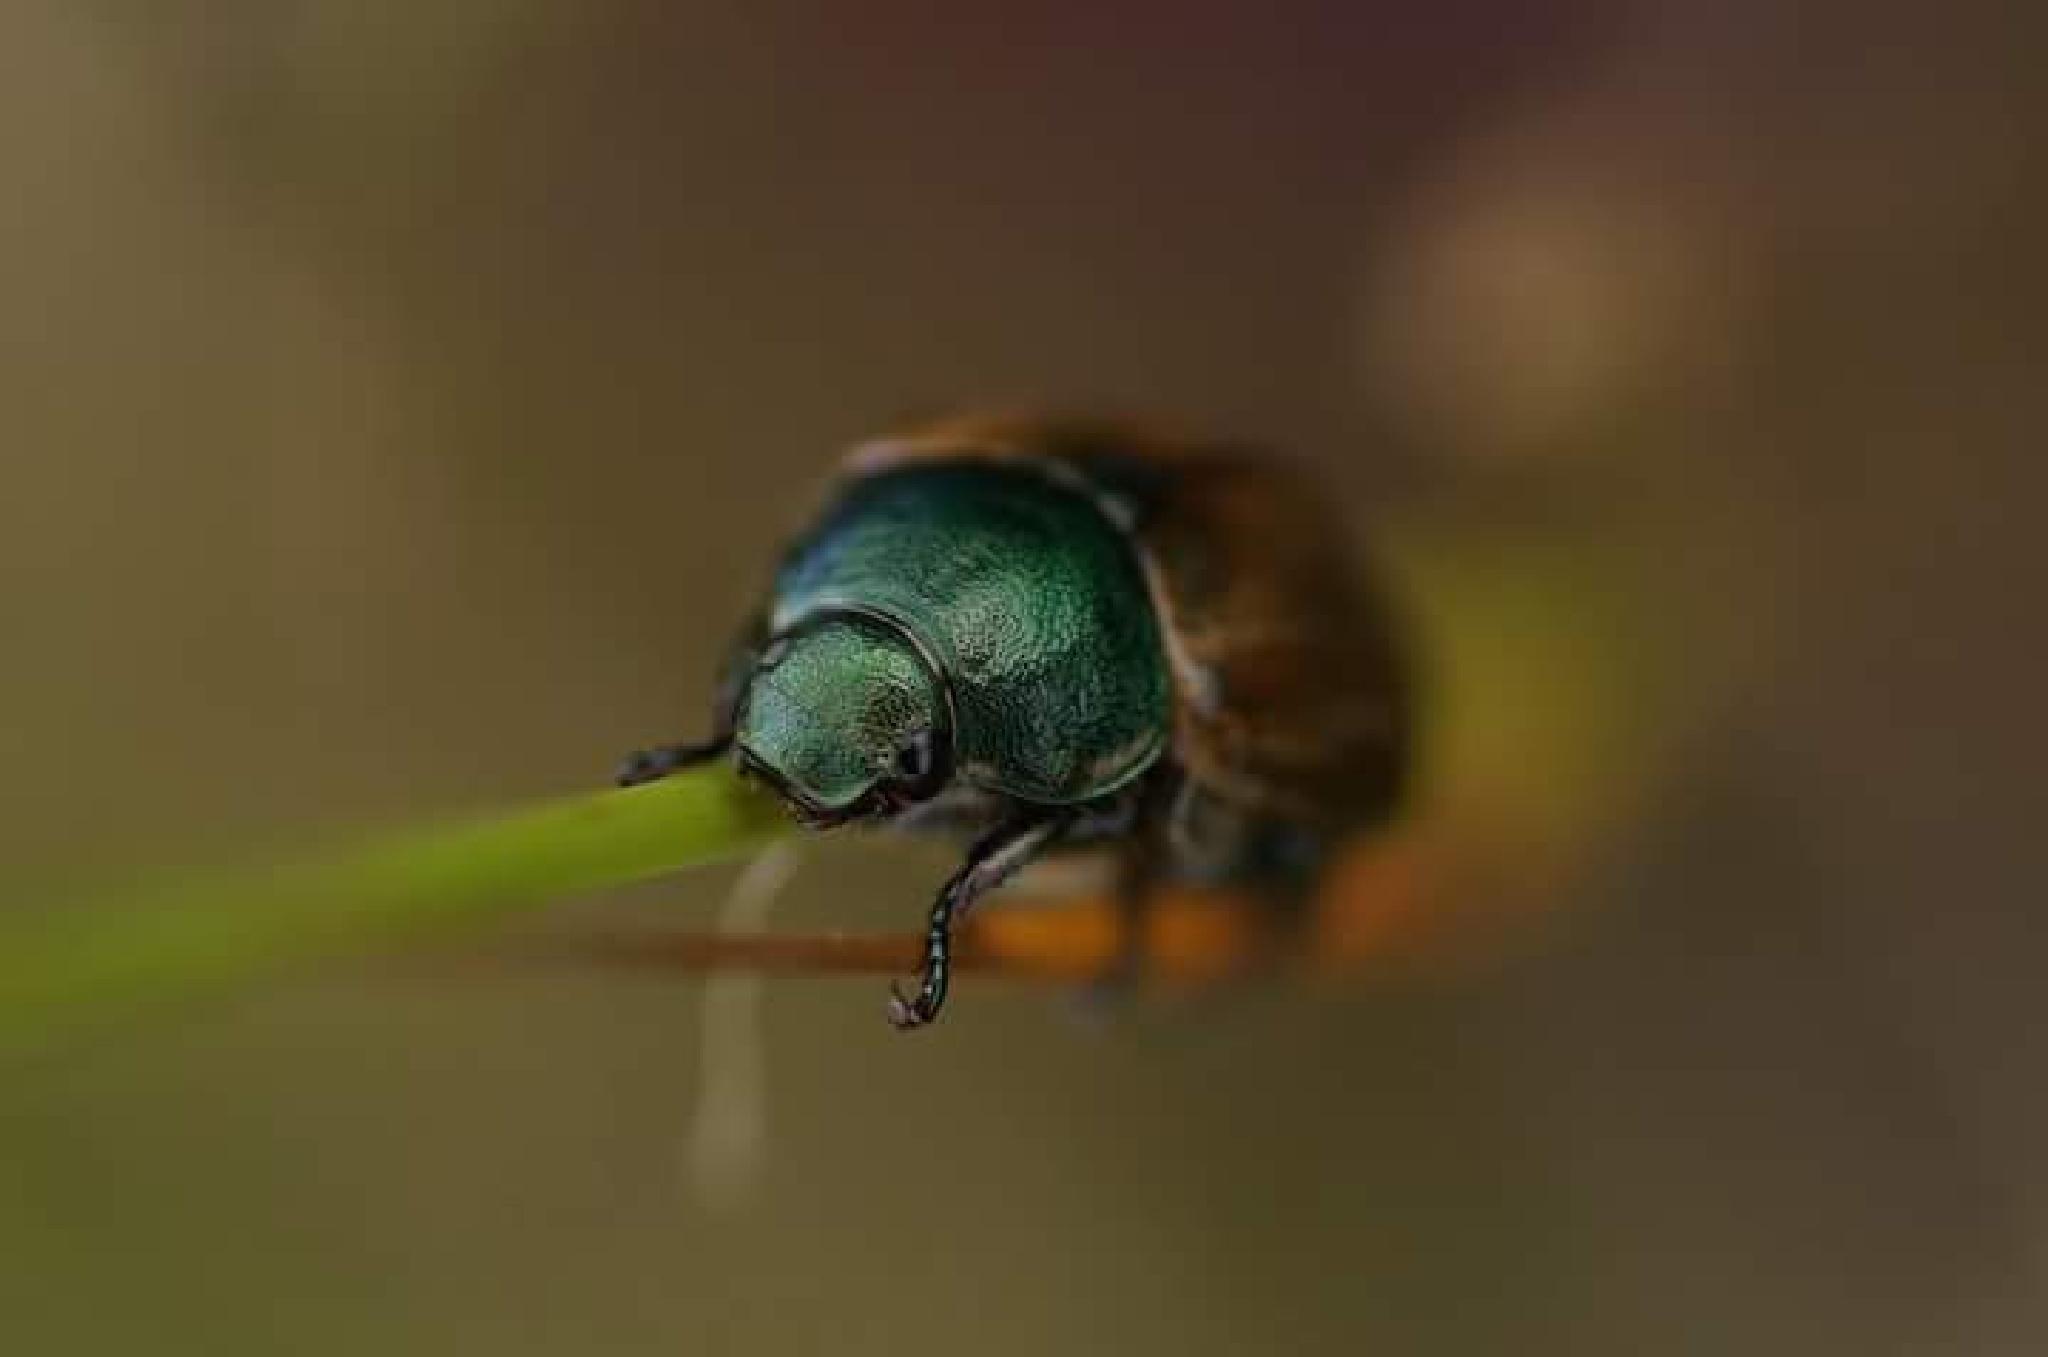 Insect by Matsje70